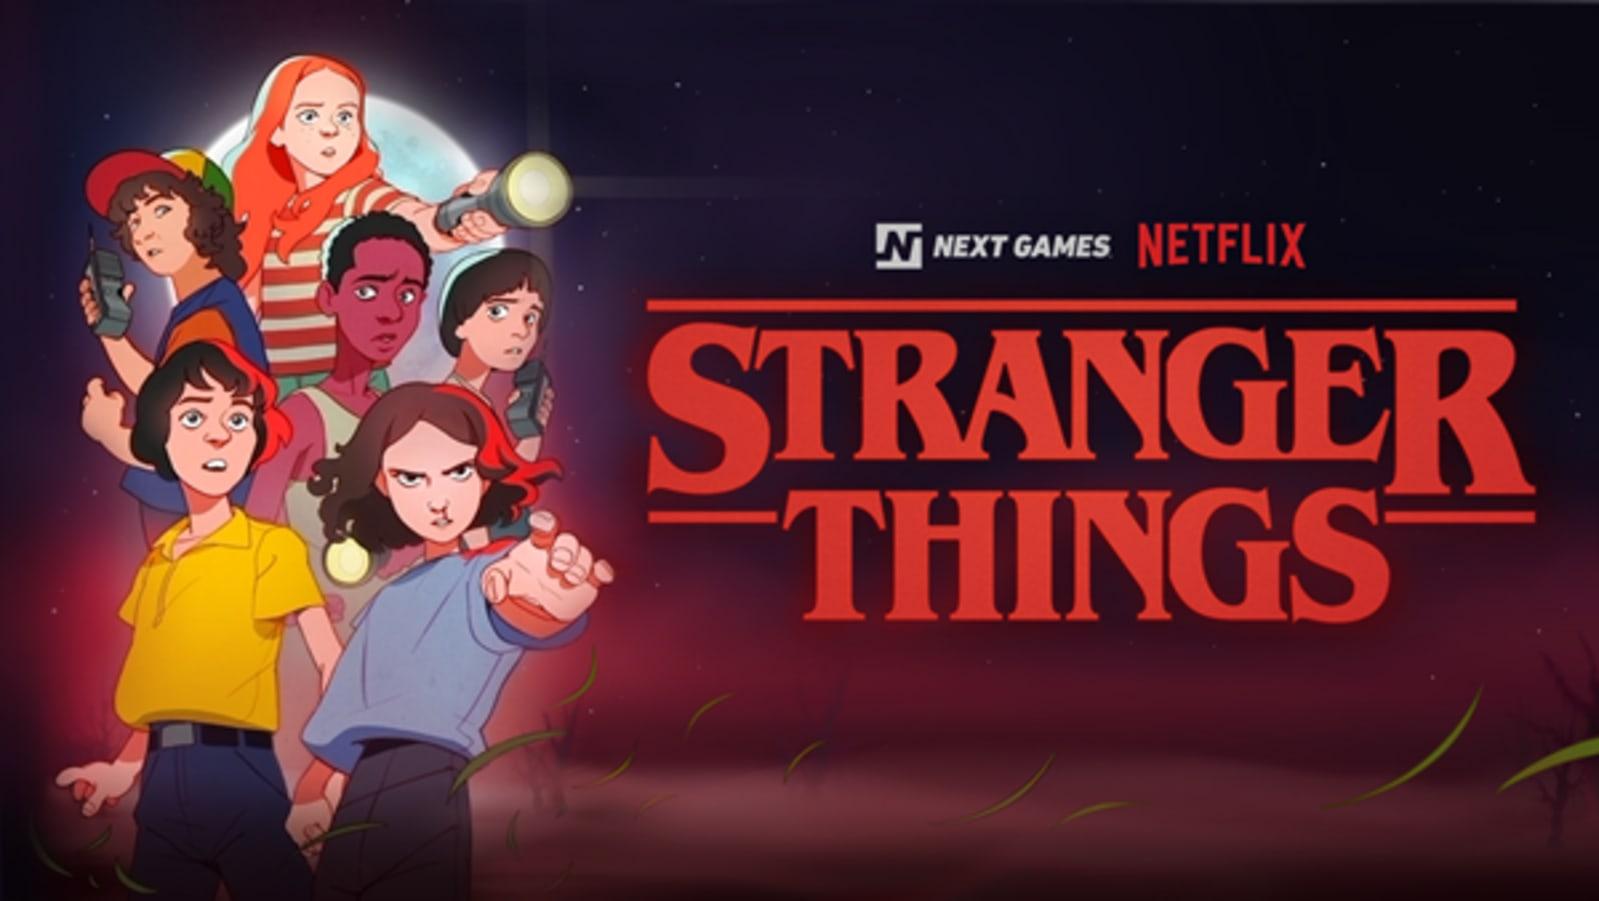 'Stranger Things' mobile game